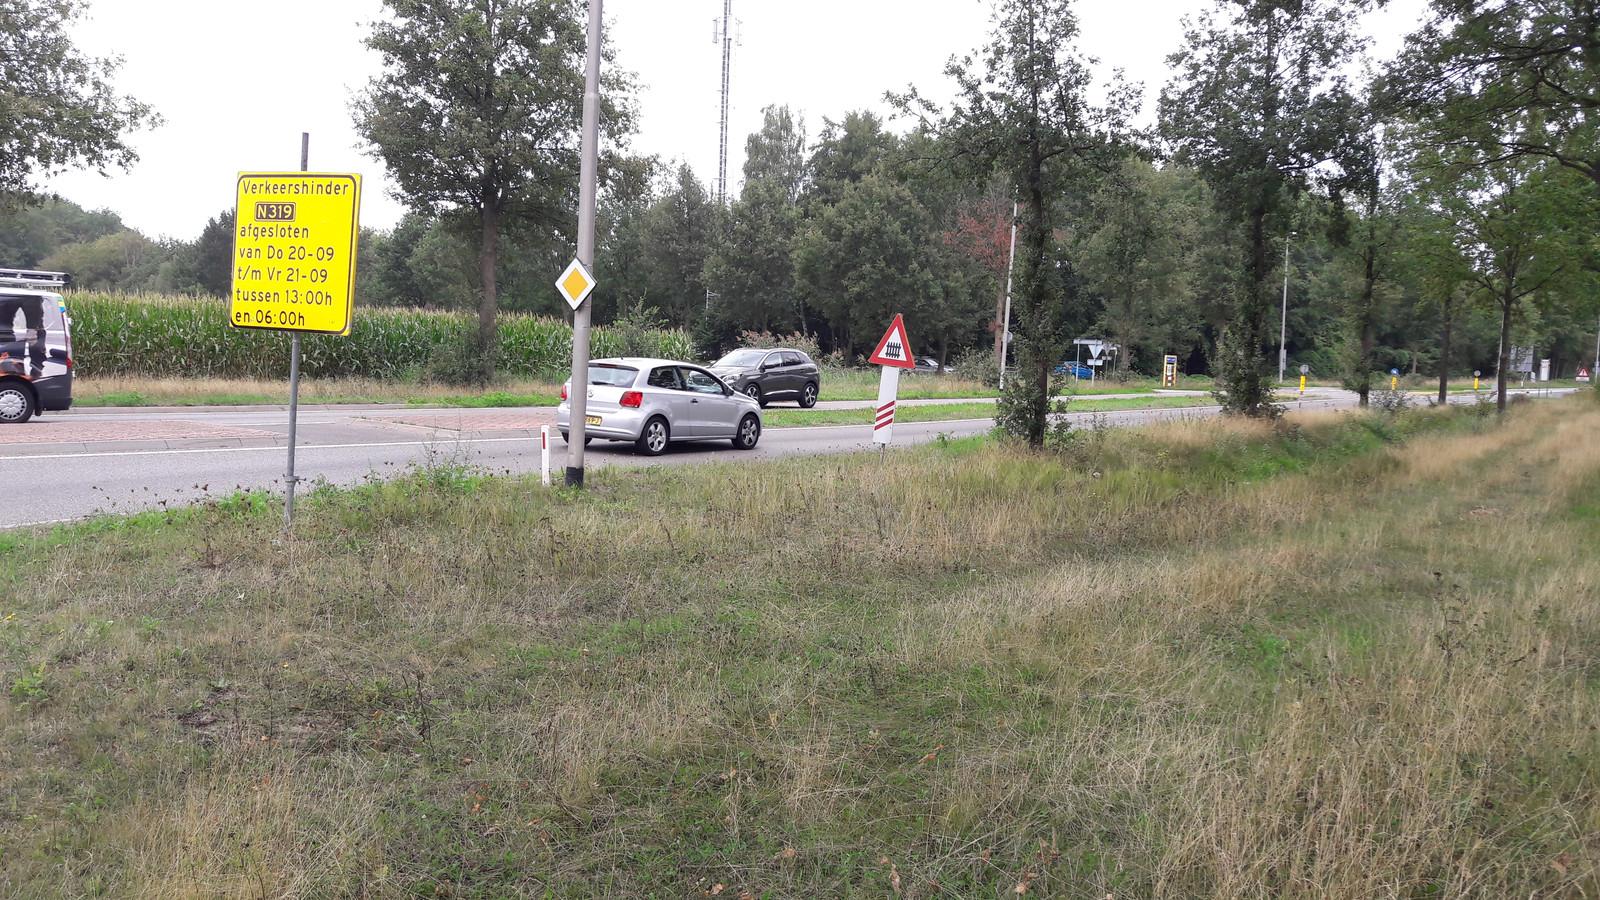 Met borden worden automobilisten ter plekke op de komende afsluiting gewezen.